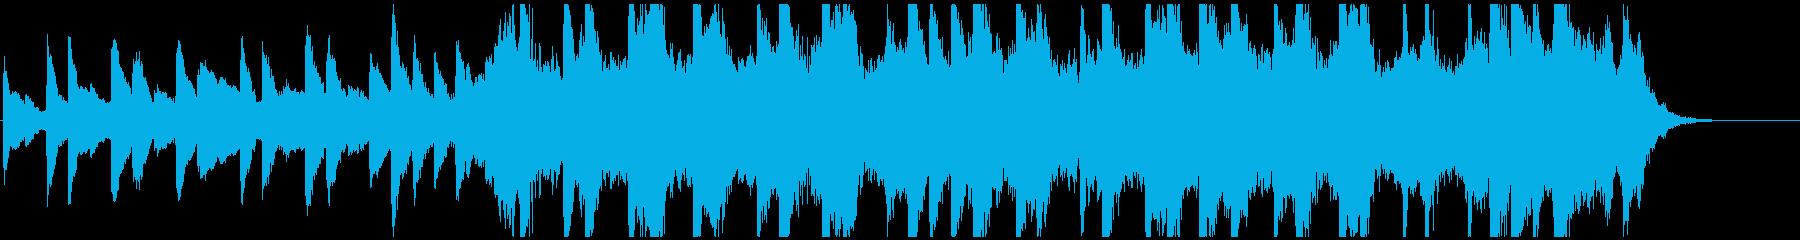 ピアノと弦楽器の悲しいワルツ約30秒の再生済みの波形